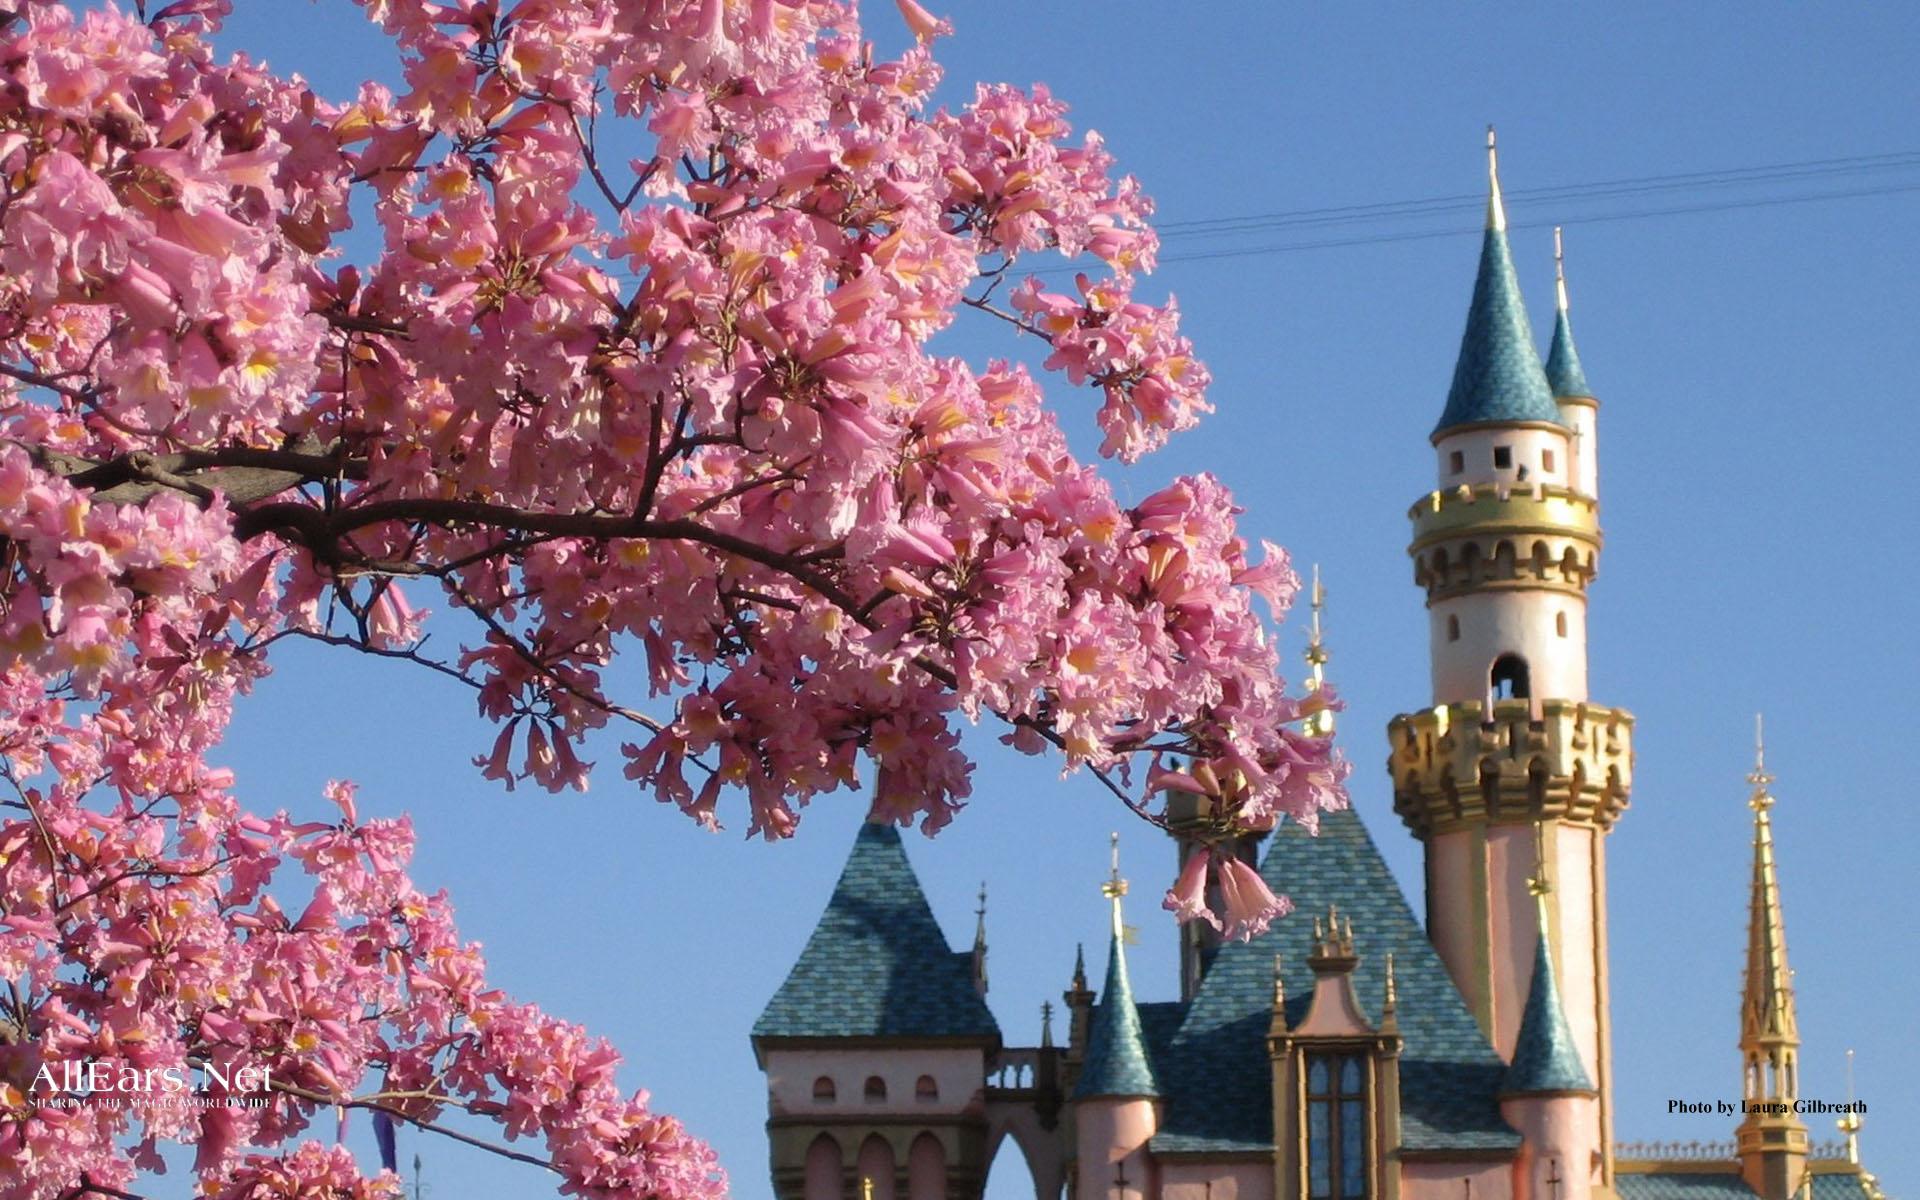 Disney Desktops Allears Net